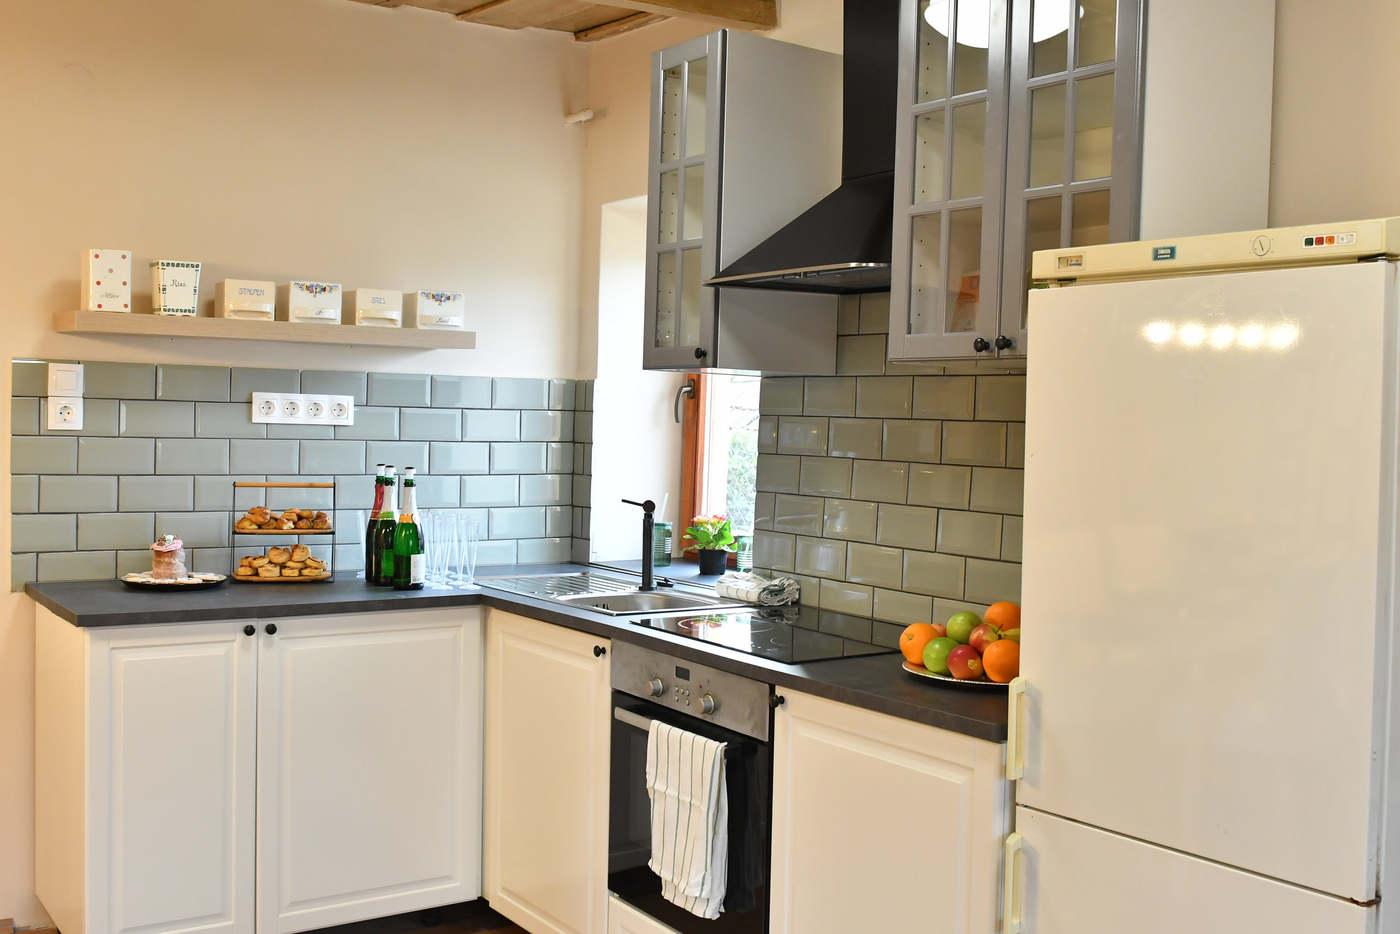 Új konyhát kapott a család. Fotó: TV2